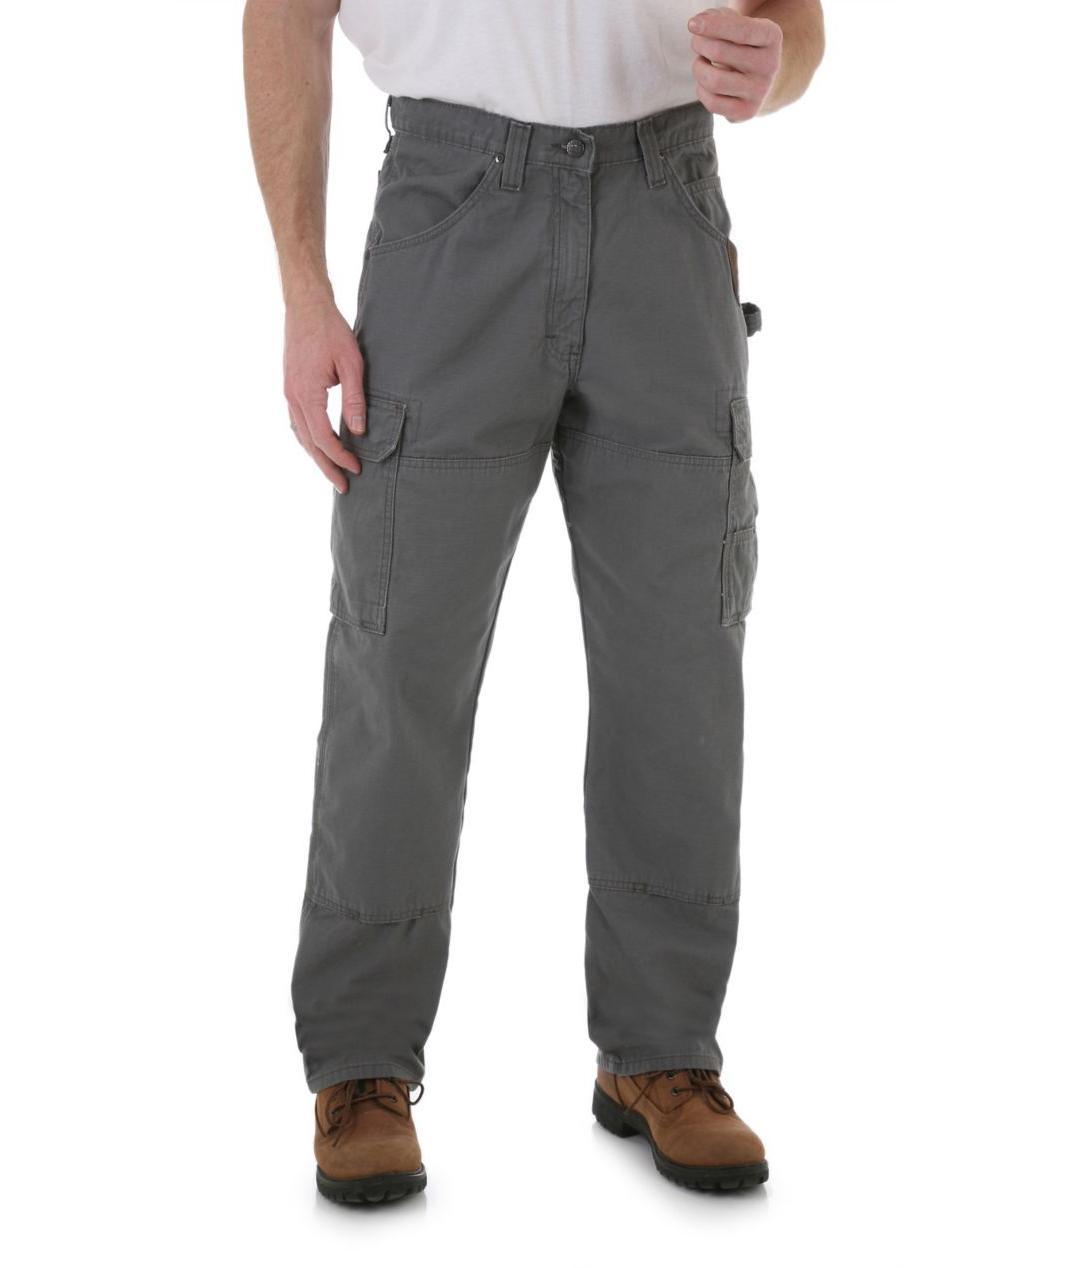 riggs workwear ranger pant